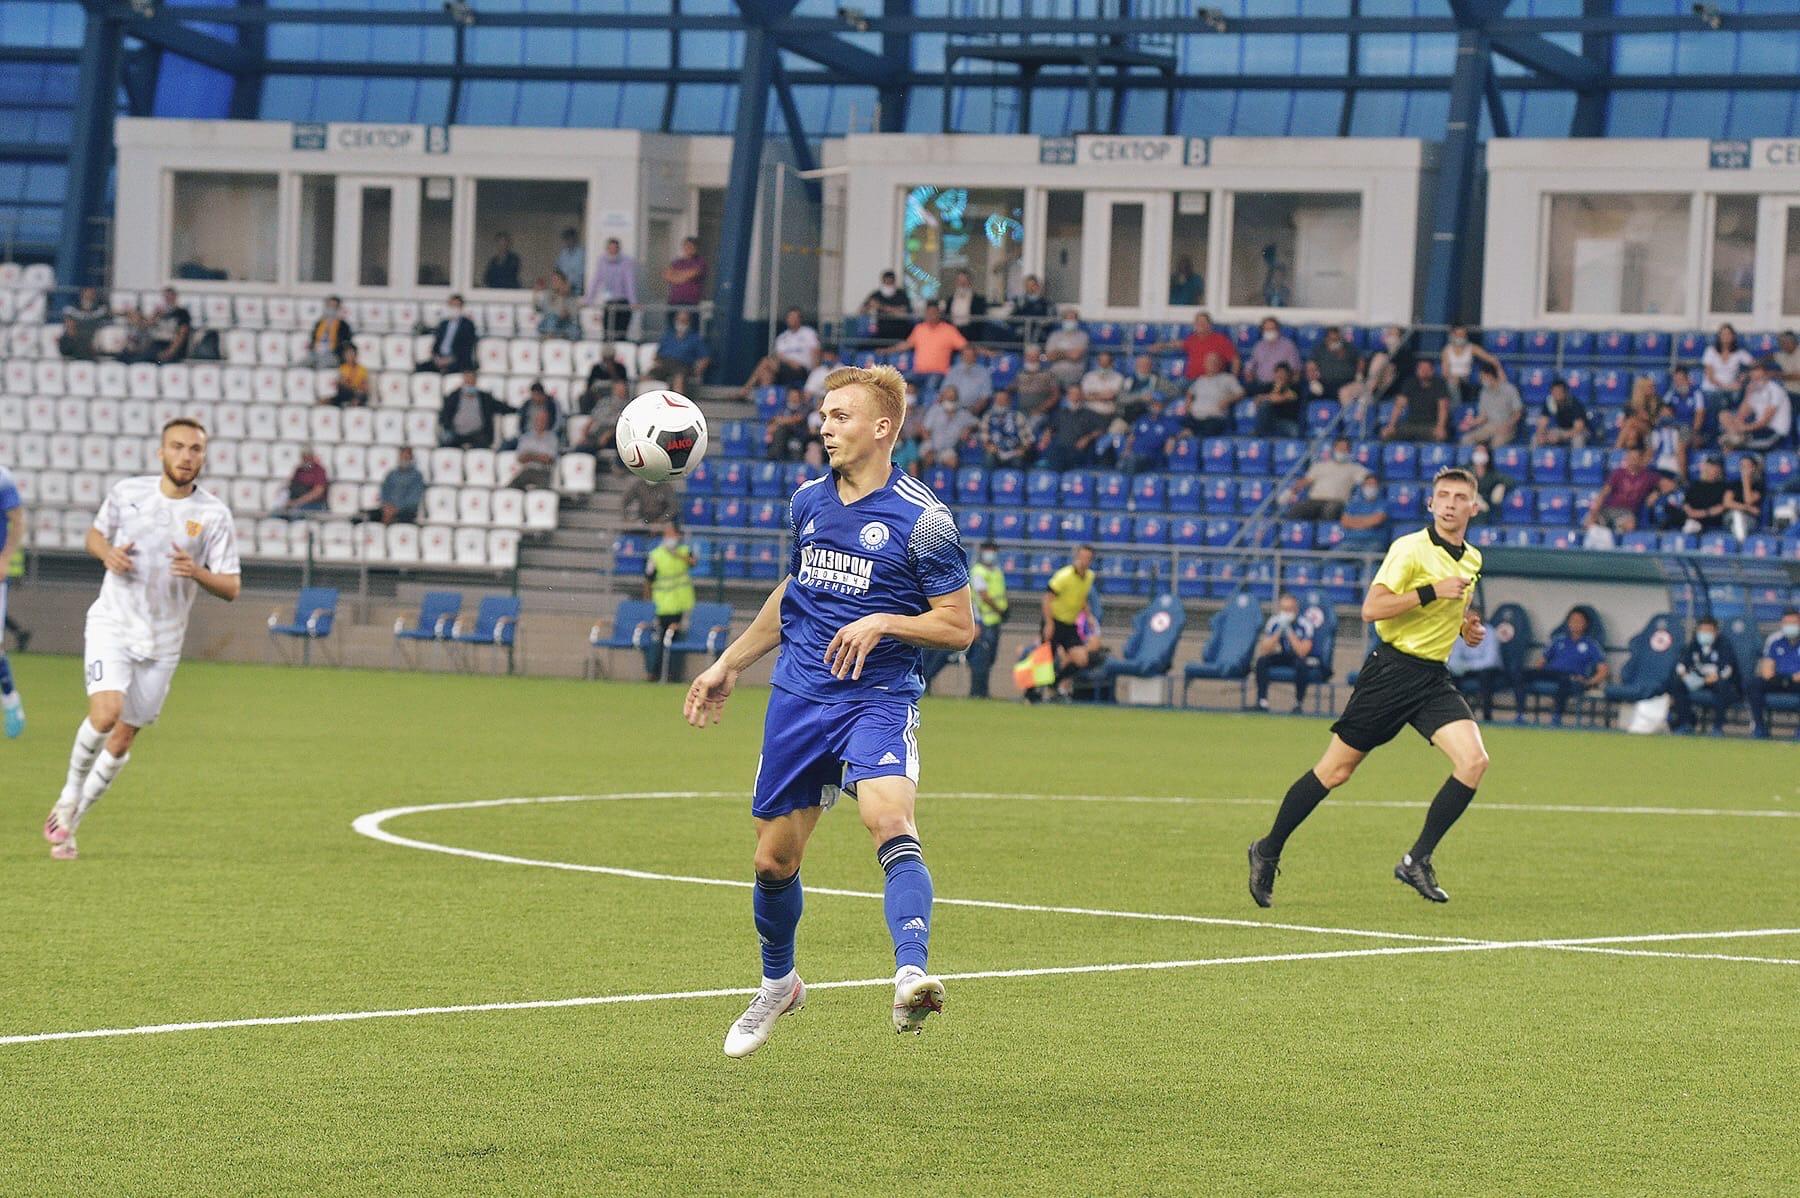 Началась реконструкция стадиона «Газовик» в Оренбурге - фото